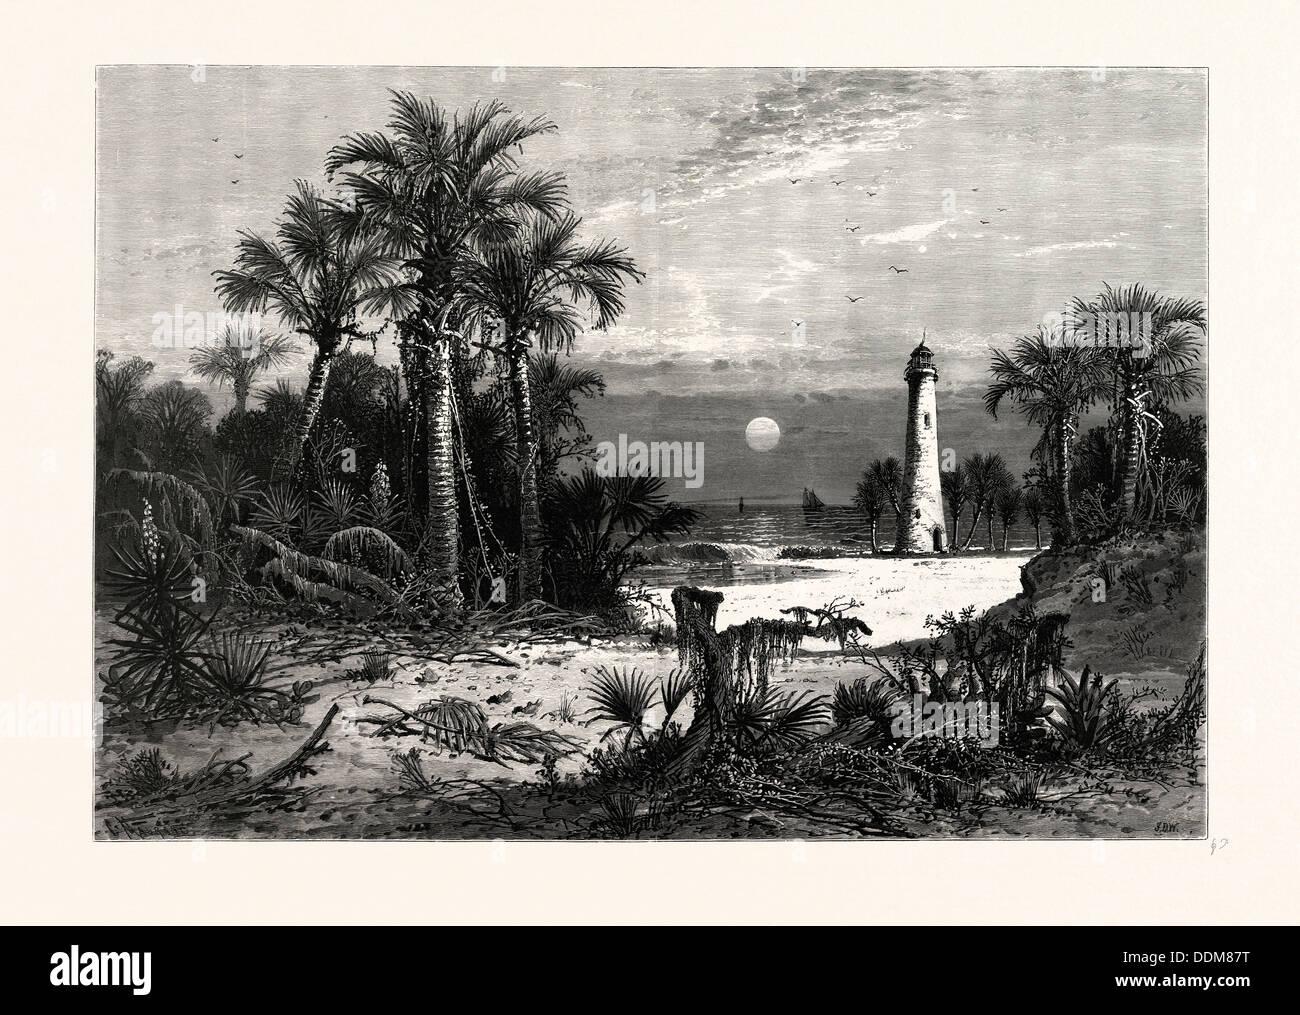 MOONRISE ON THE COAST OF FLORIDA. J.D. WOODWARD - Stock Image